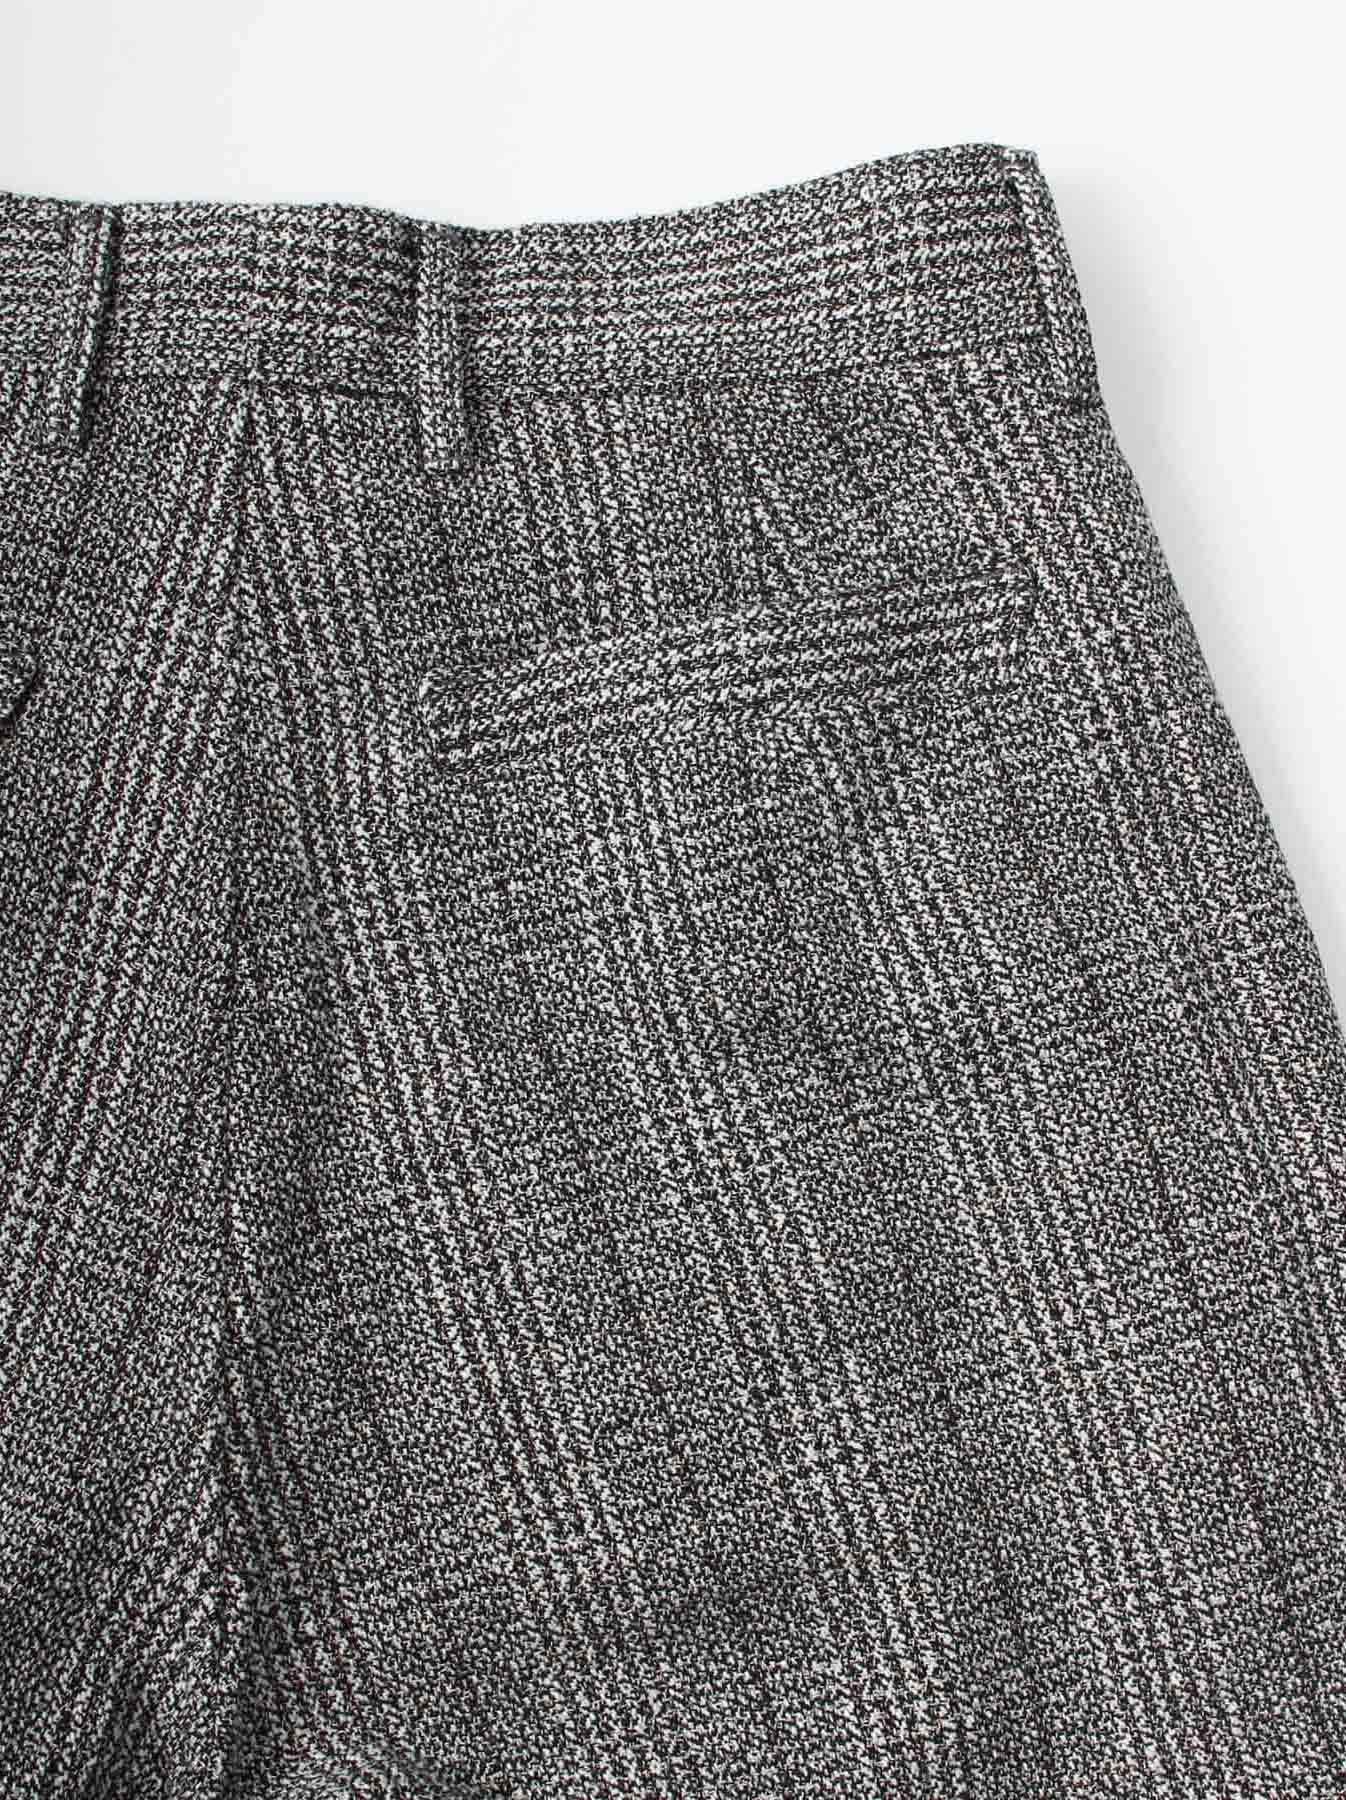 WH Mokumoku Tweed 908 Pants-6